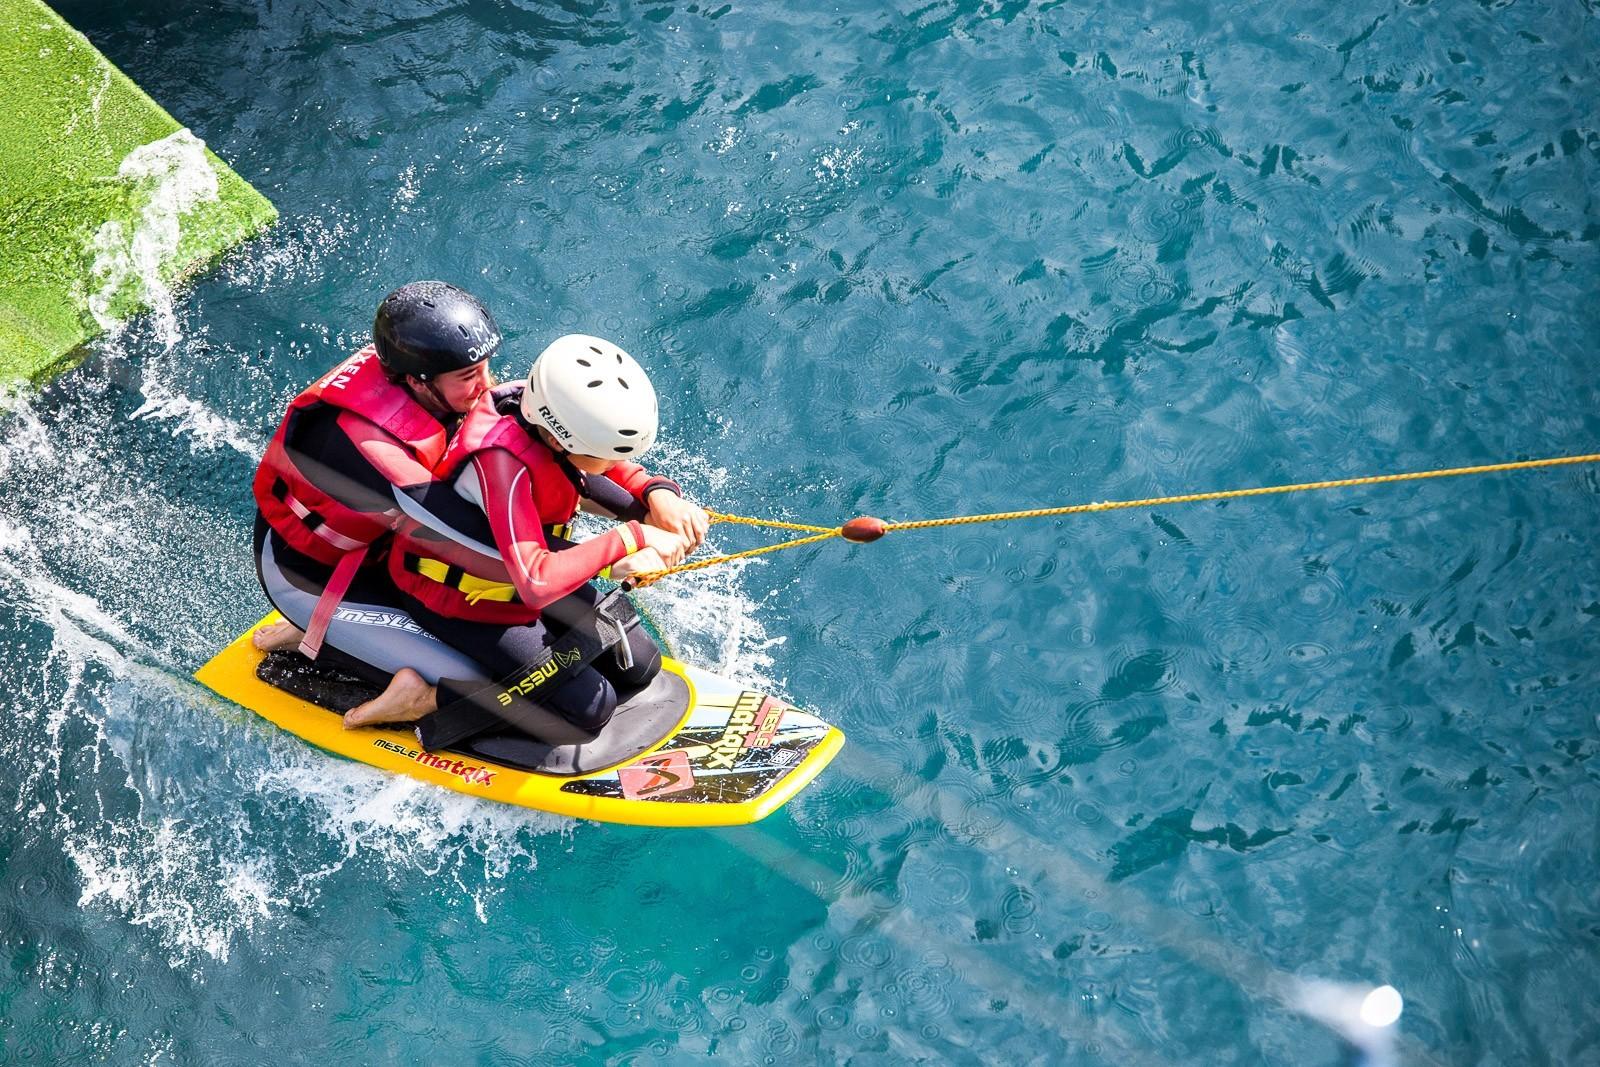 Le kneeboard (en français, planche à genoux) est un sport nautique qui consiste à glisser sur l'eau en position à genoux sur une planche.